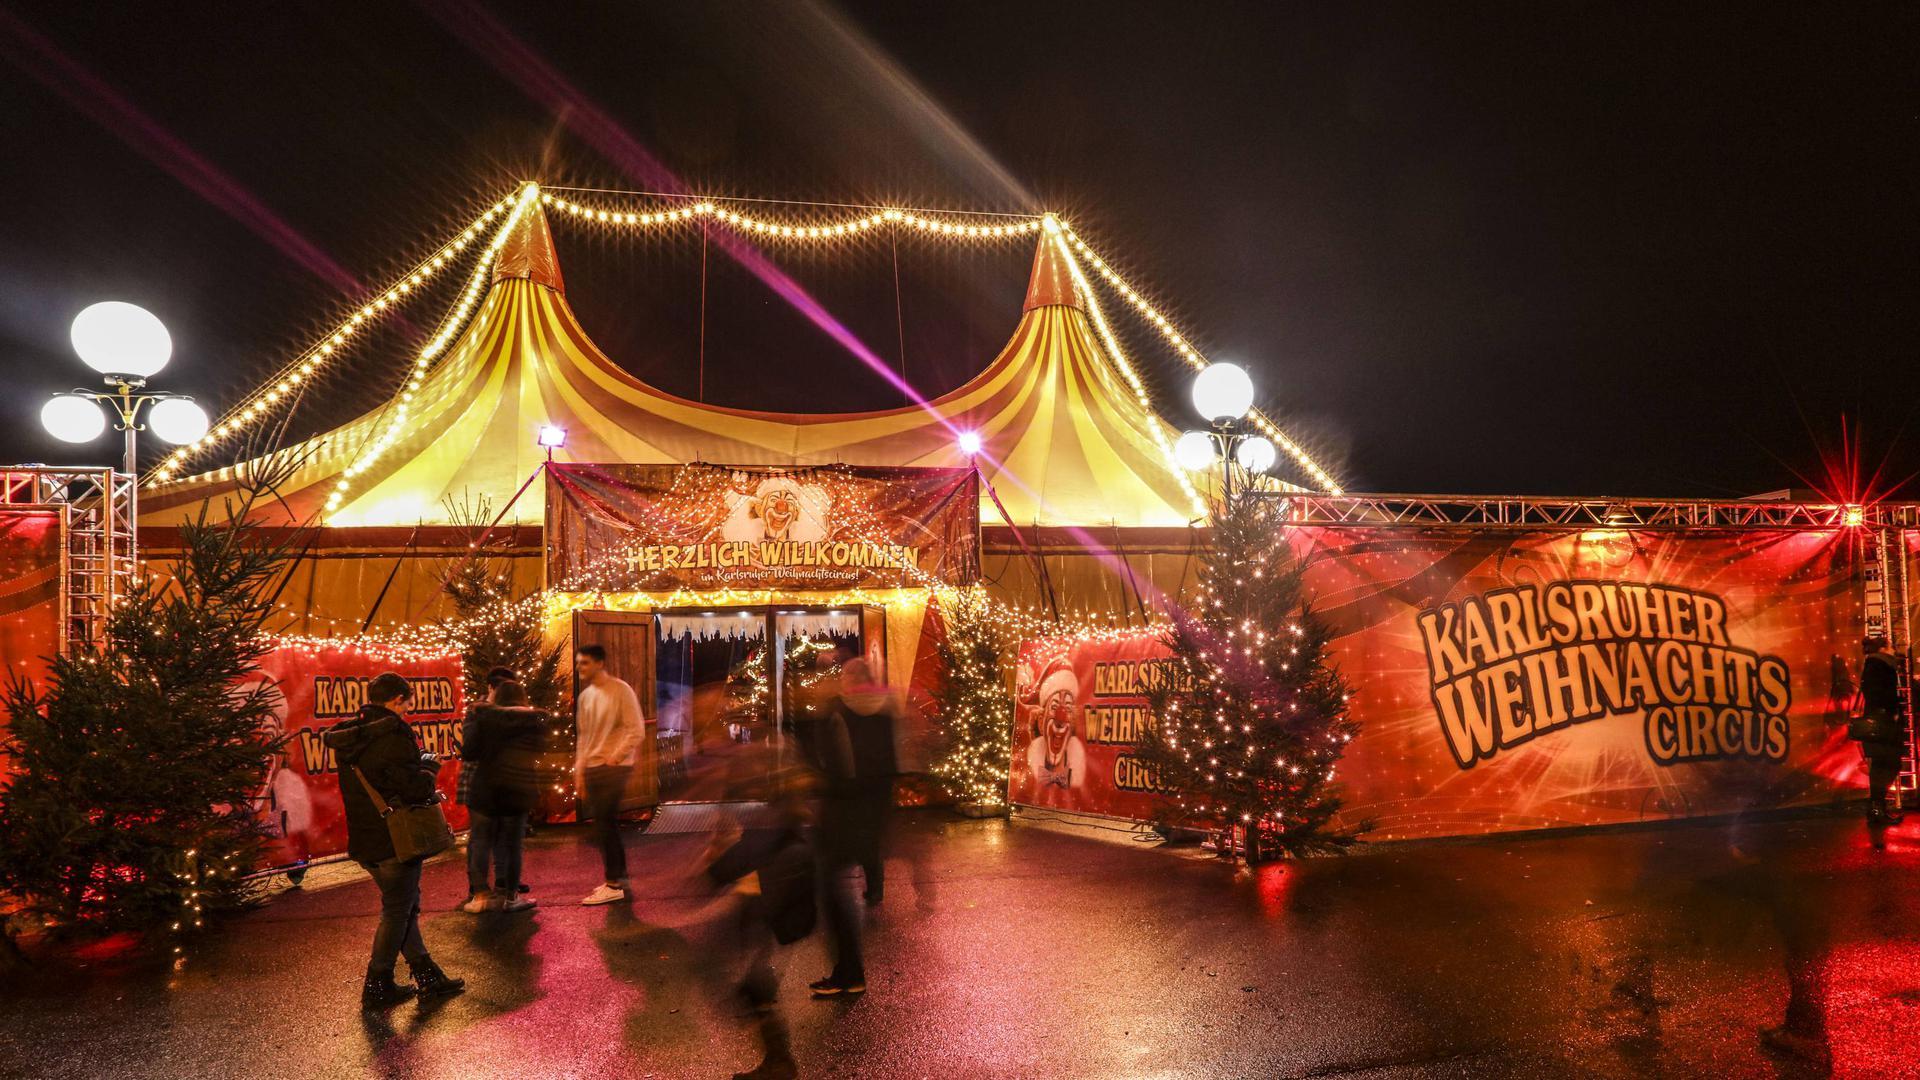 Karlsruhe Weihnachtscircus